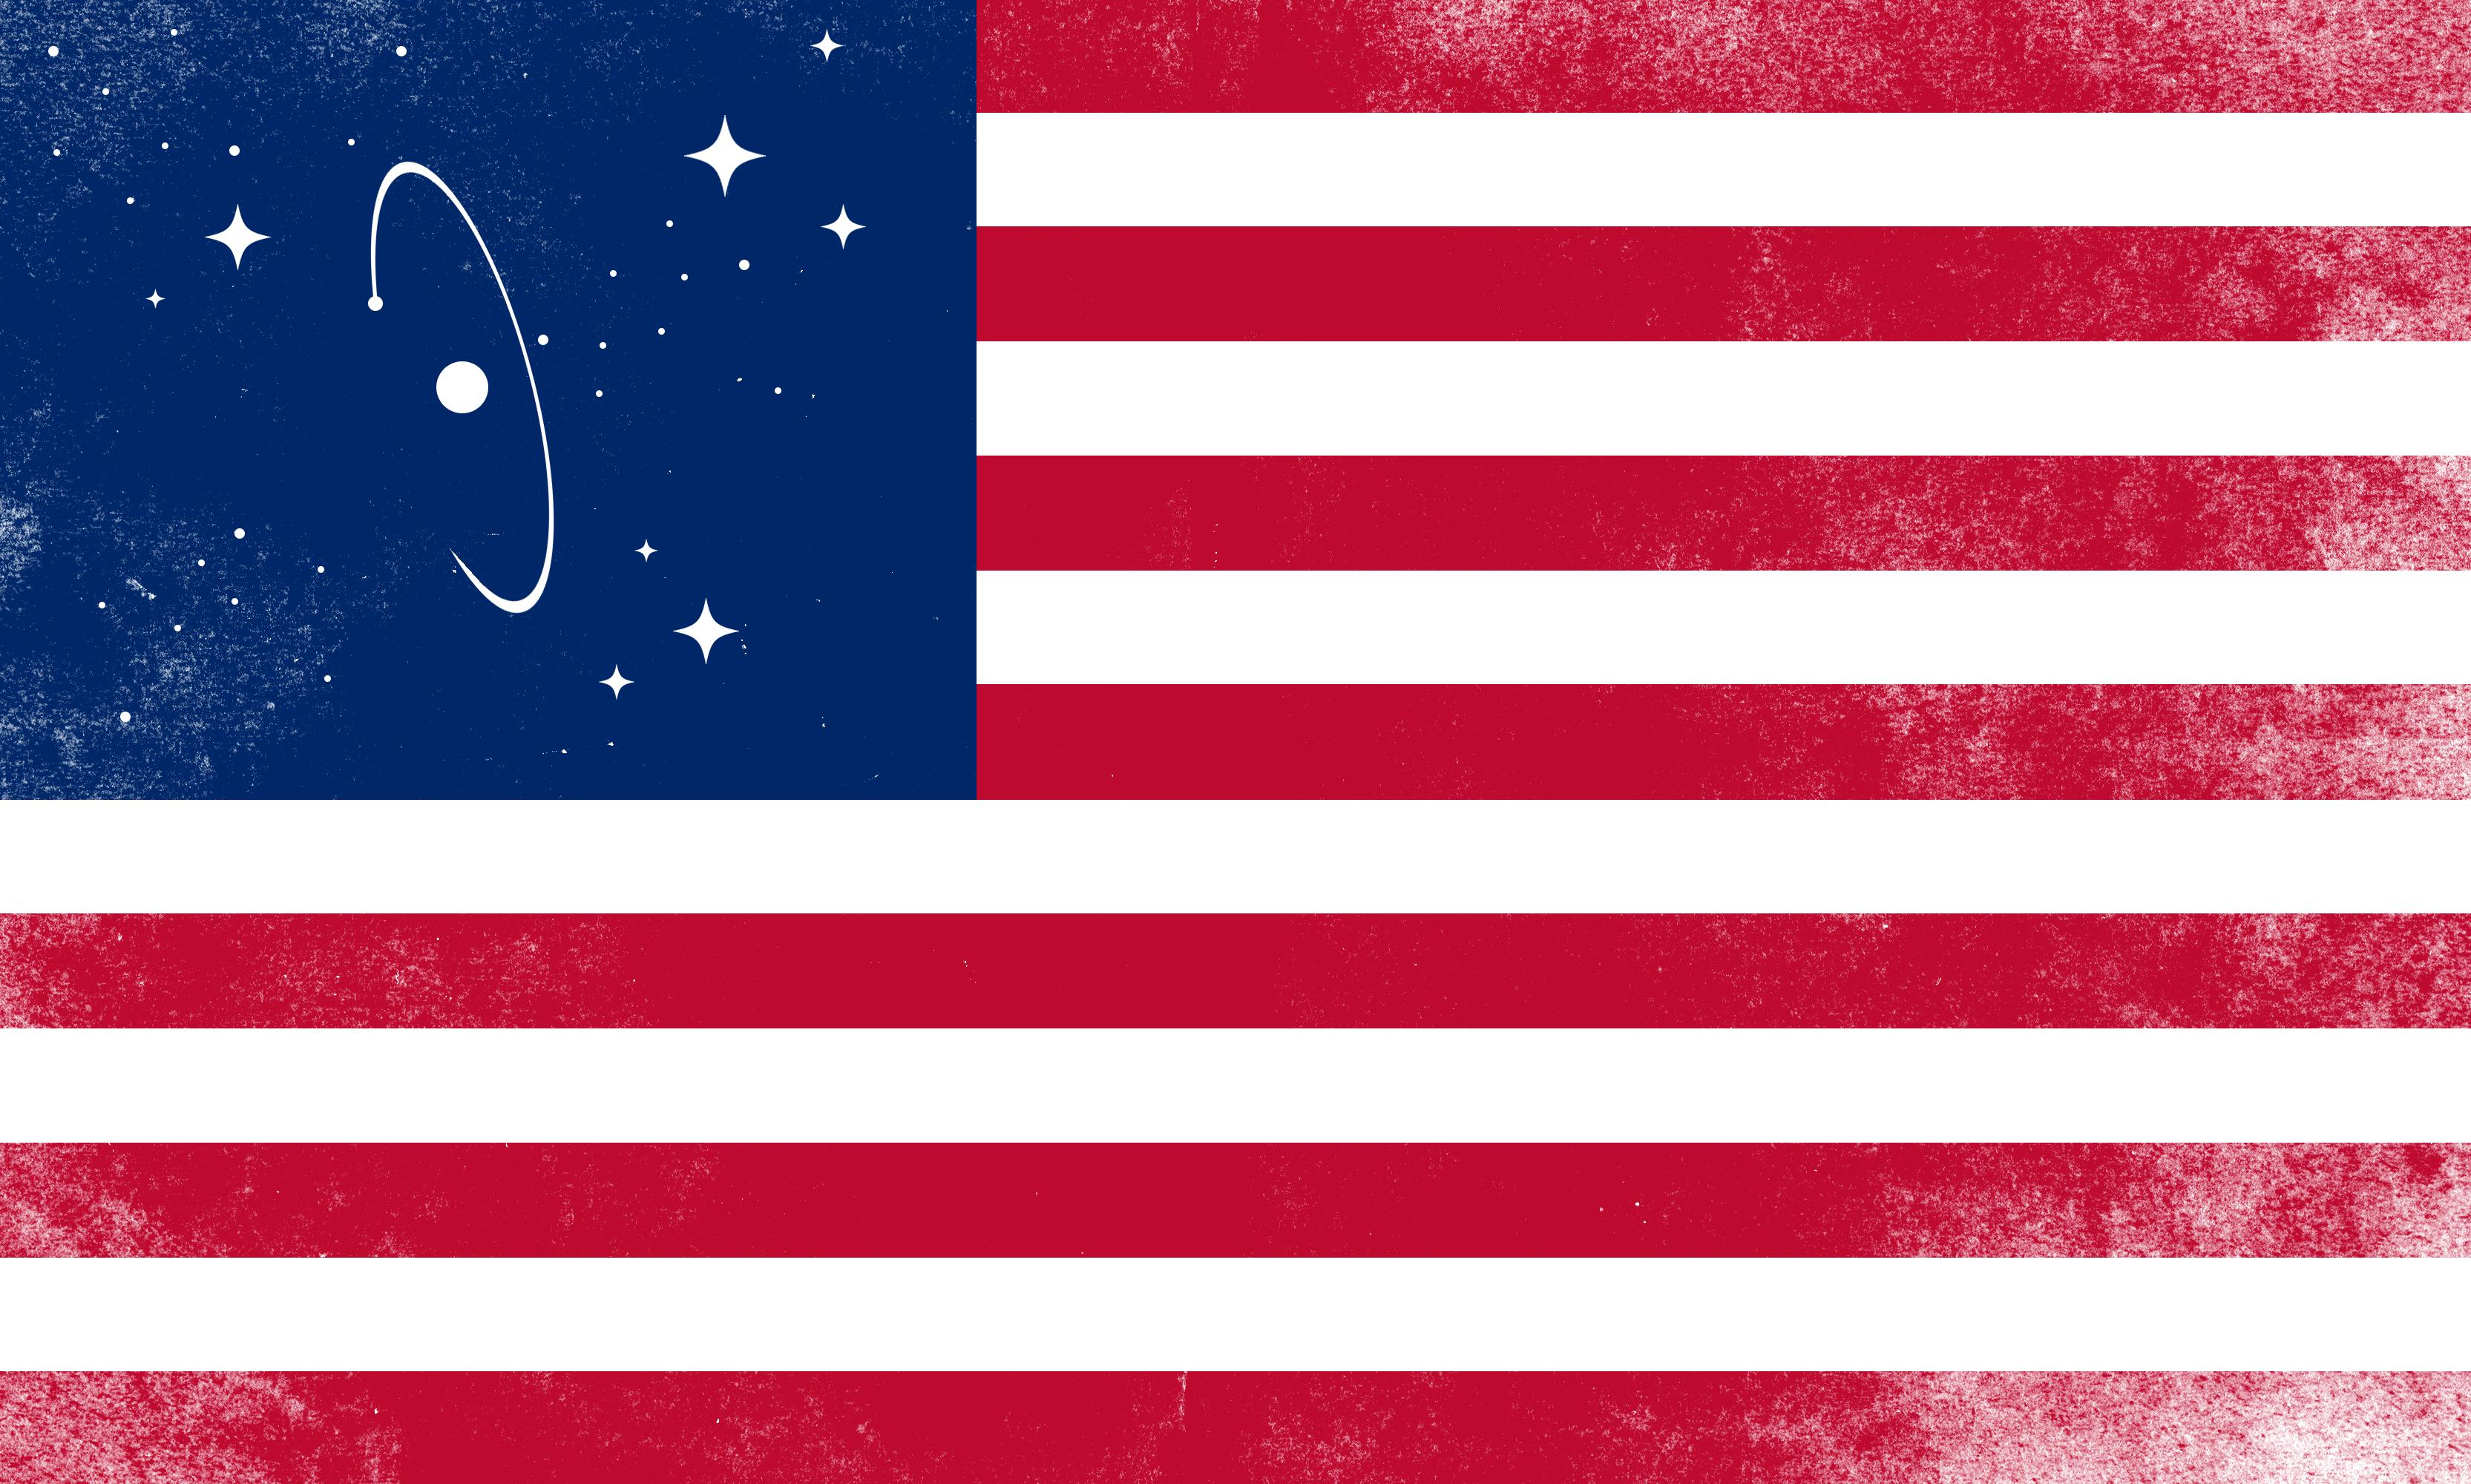 United Stars flag